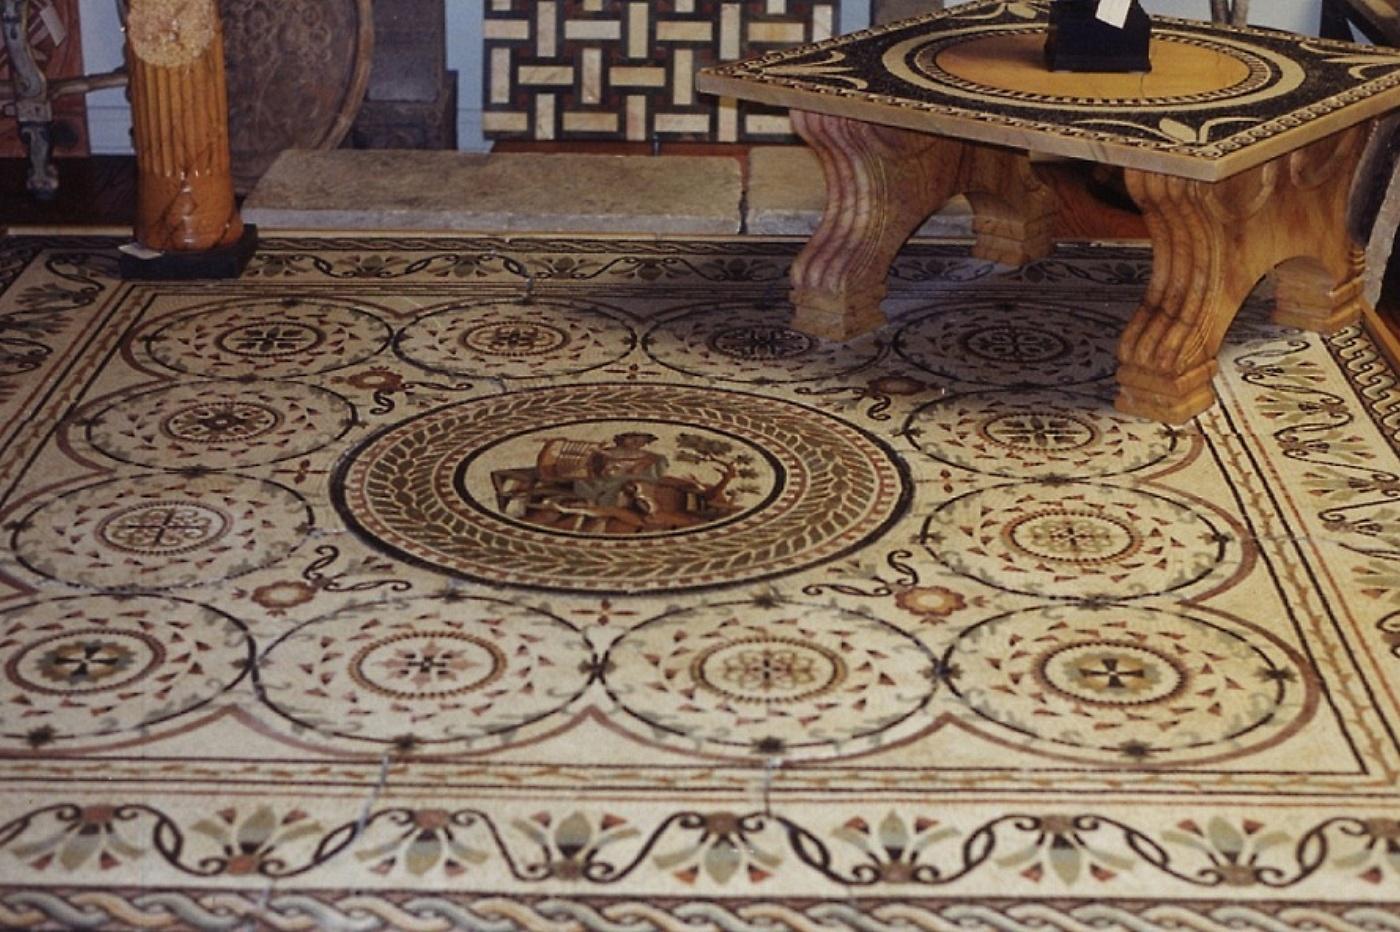 sols interni di prestigio mosaico in marmo On mosaici in marmo per pavimenti